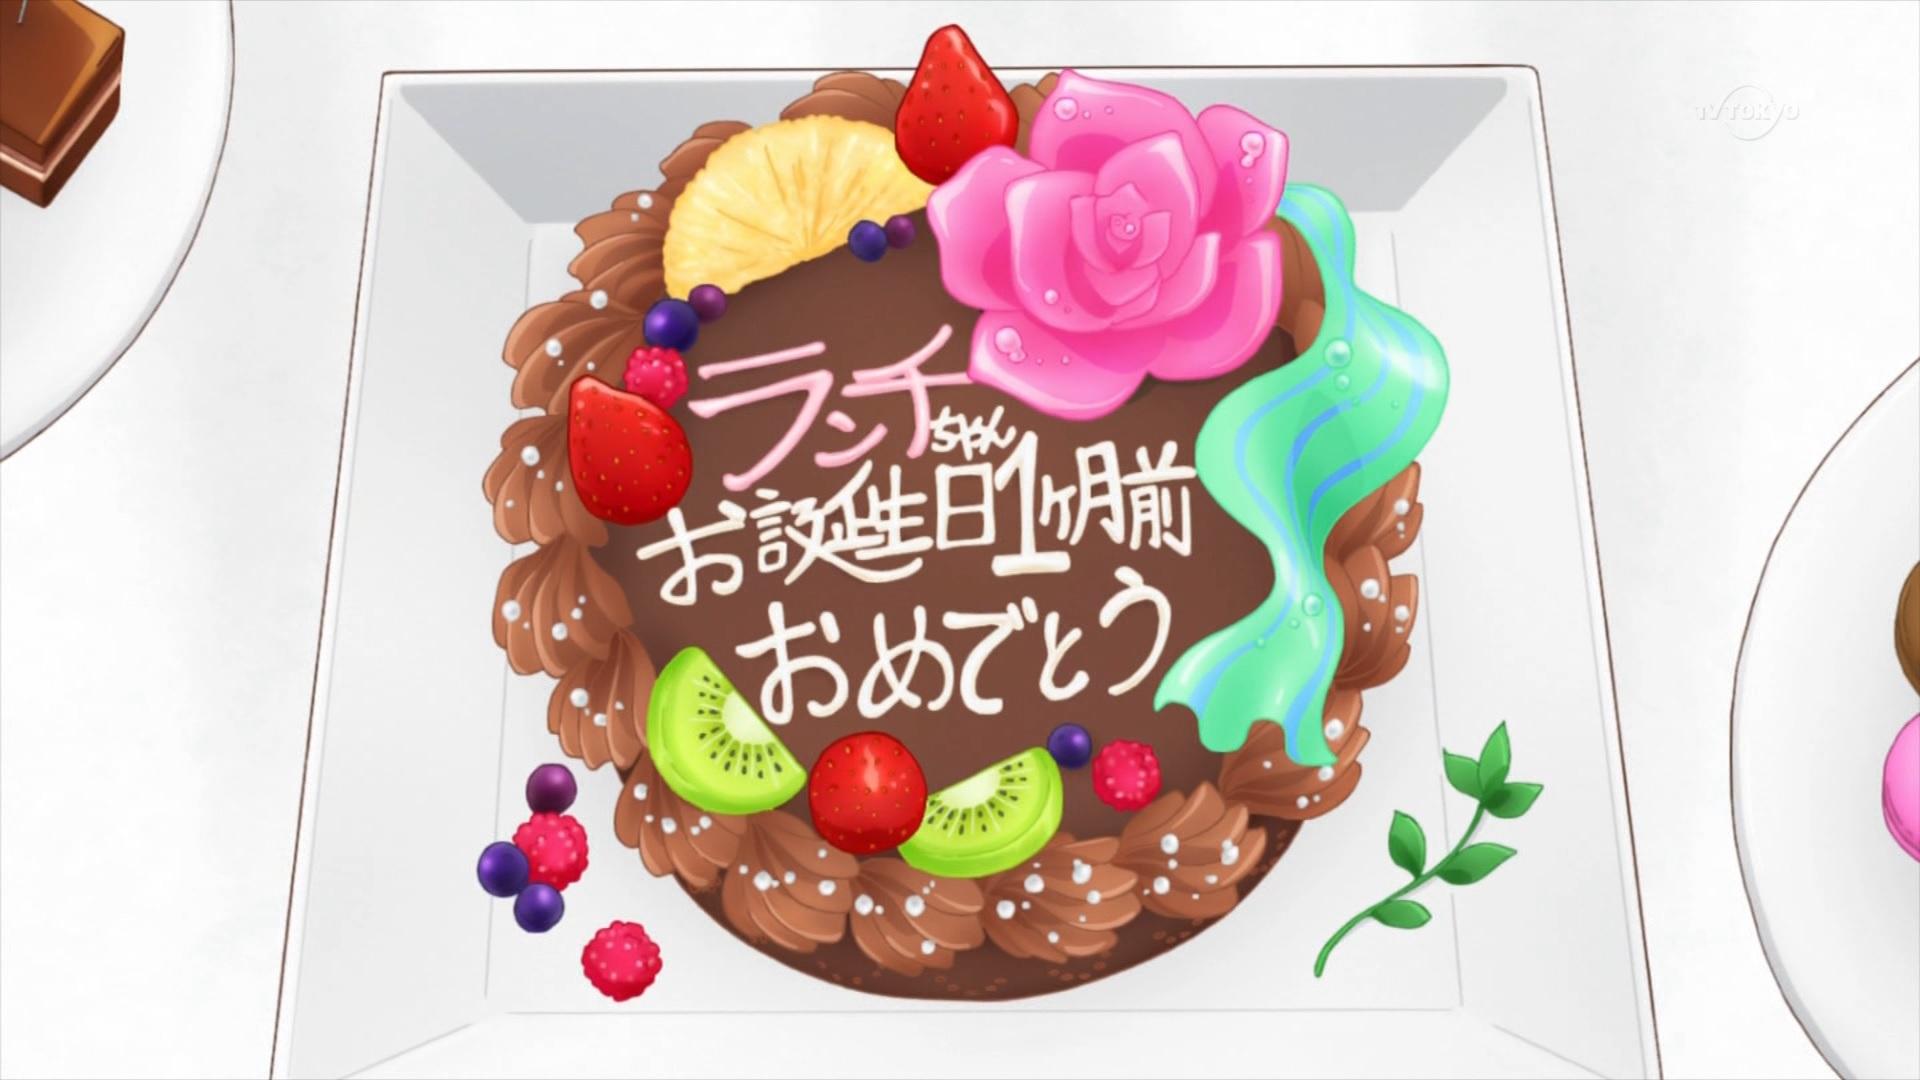 香澄真昼のバースデーケーキ